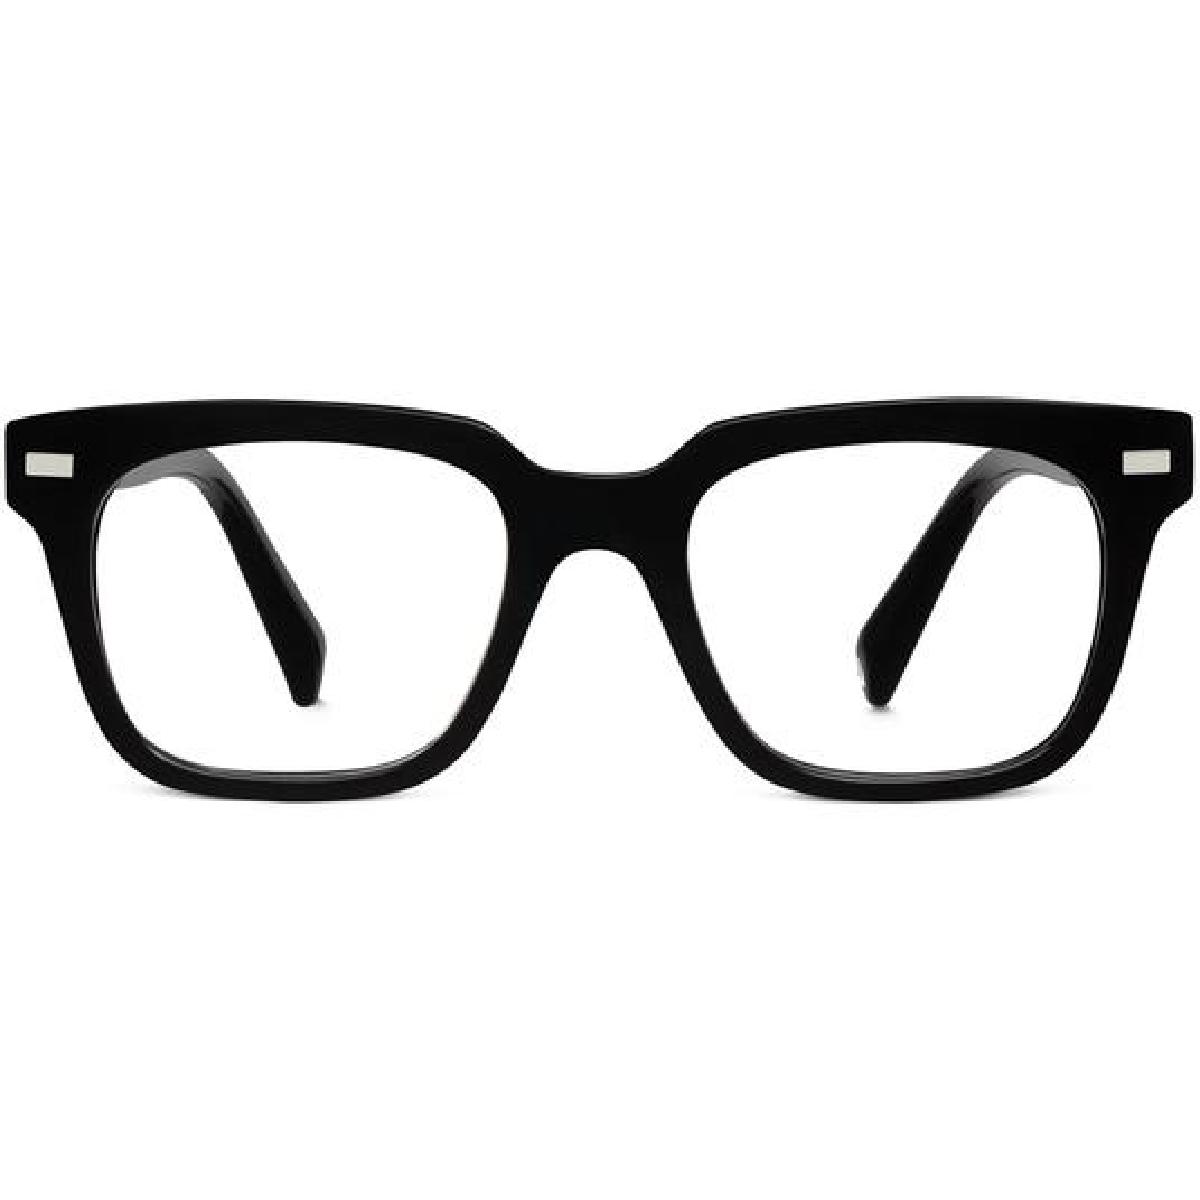 winston eyeglasses in jet black